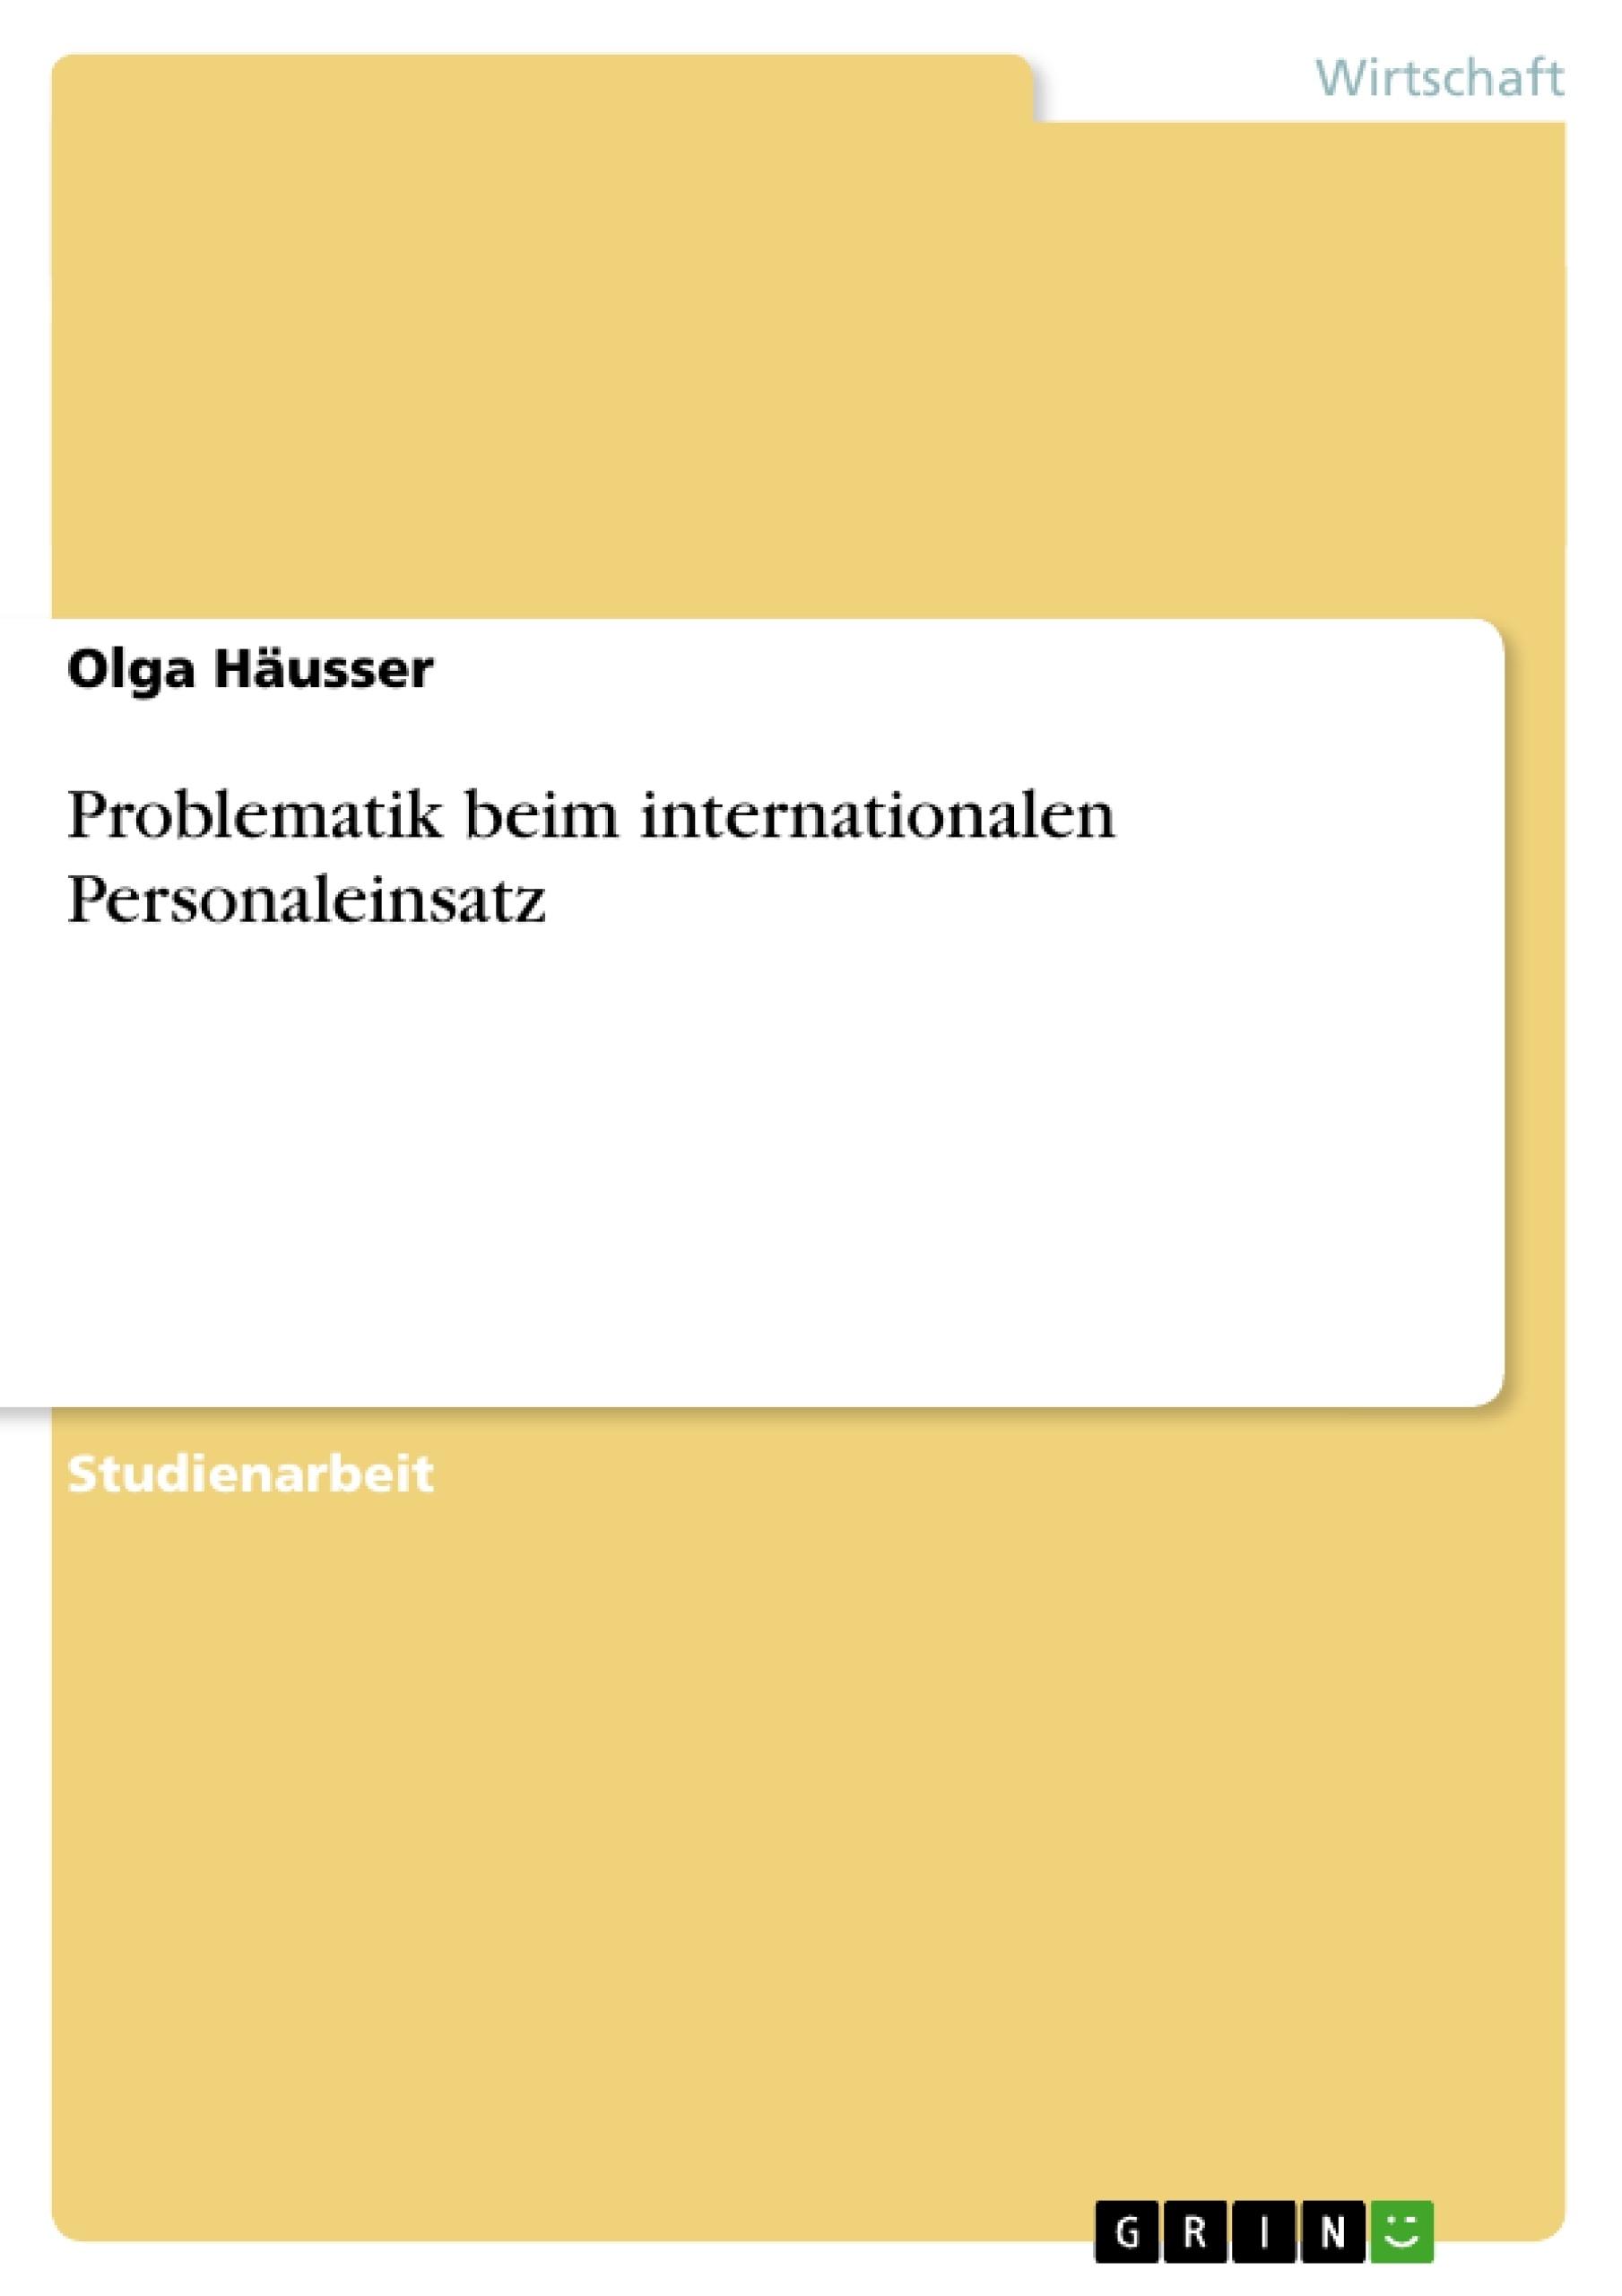 Titel: Problematik beim internationalen Personaleinsatz